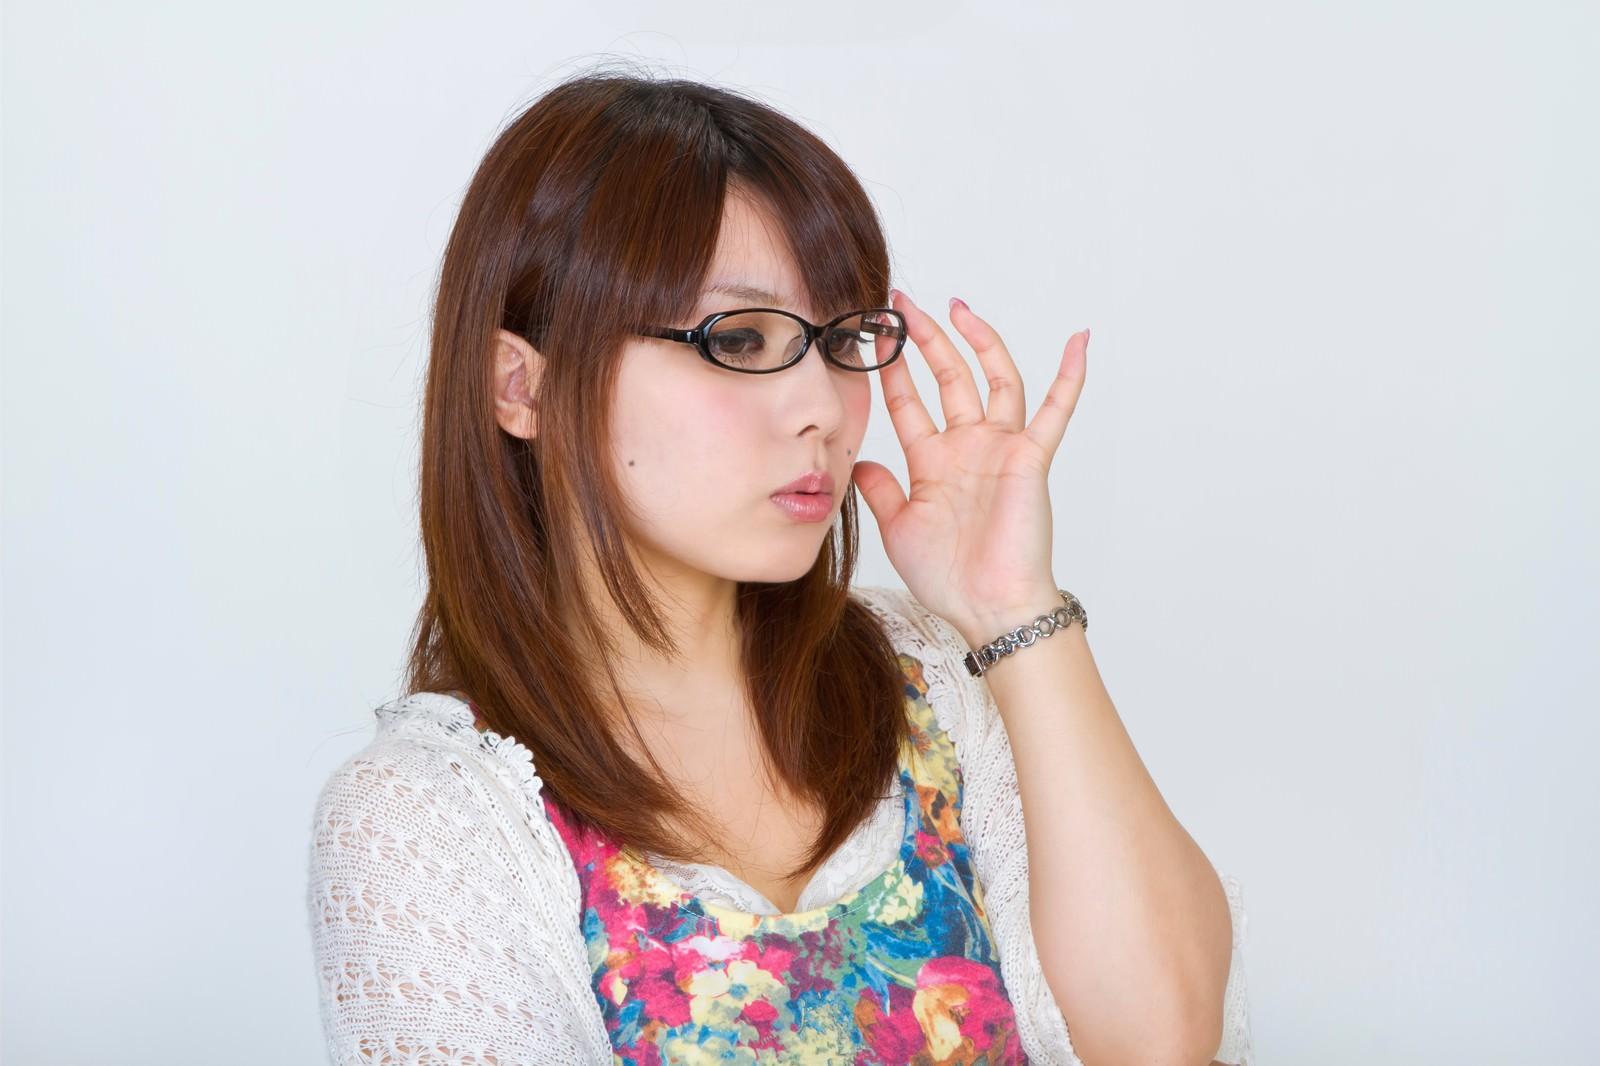 「メガネを直す女性」の写真[モデル:Lala]